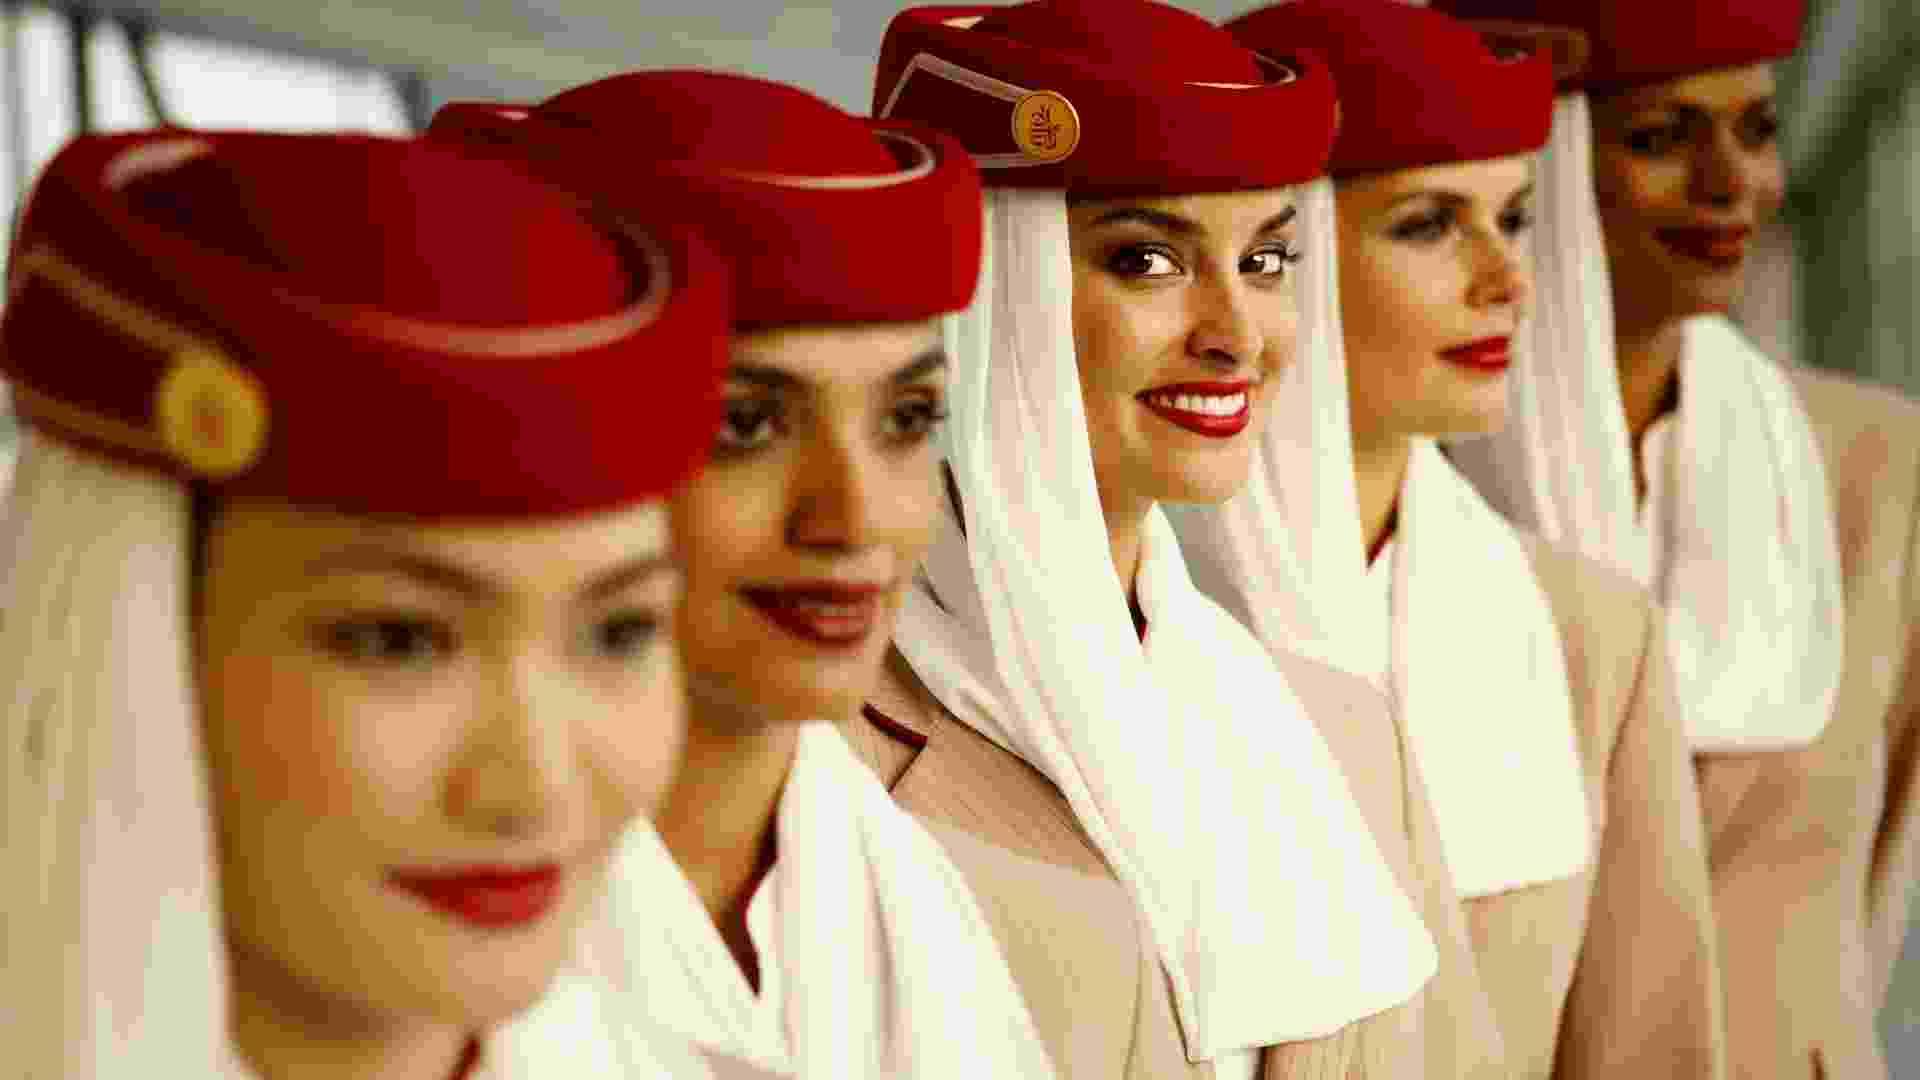 Tripulação usa uniforme da Emirates - Divulgação